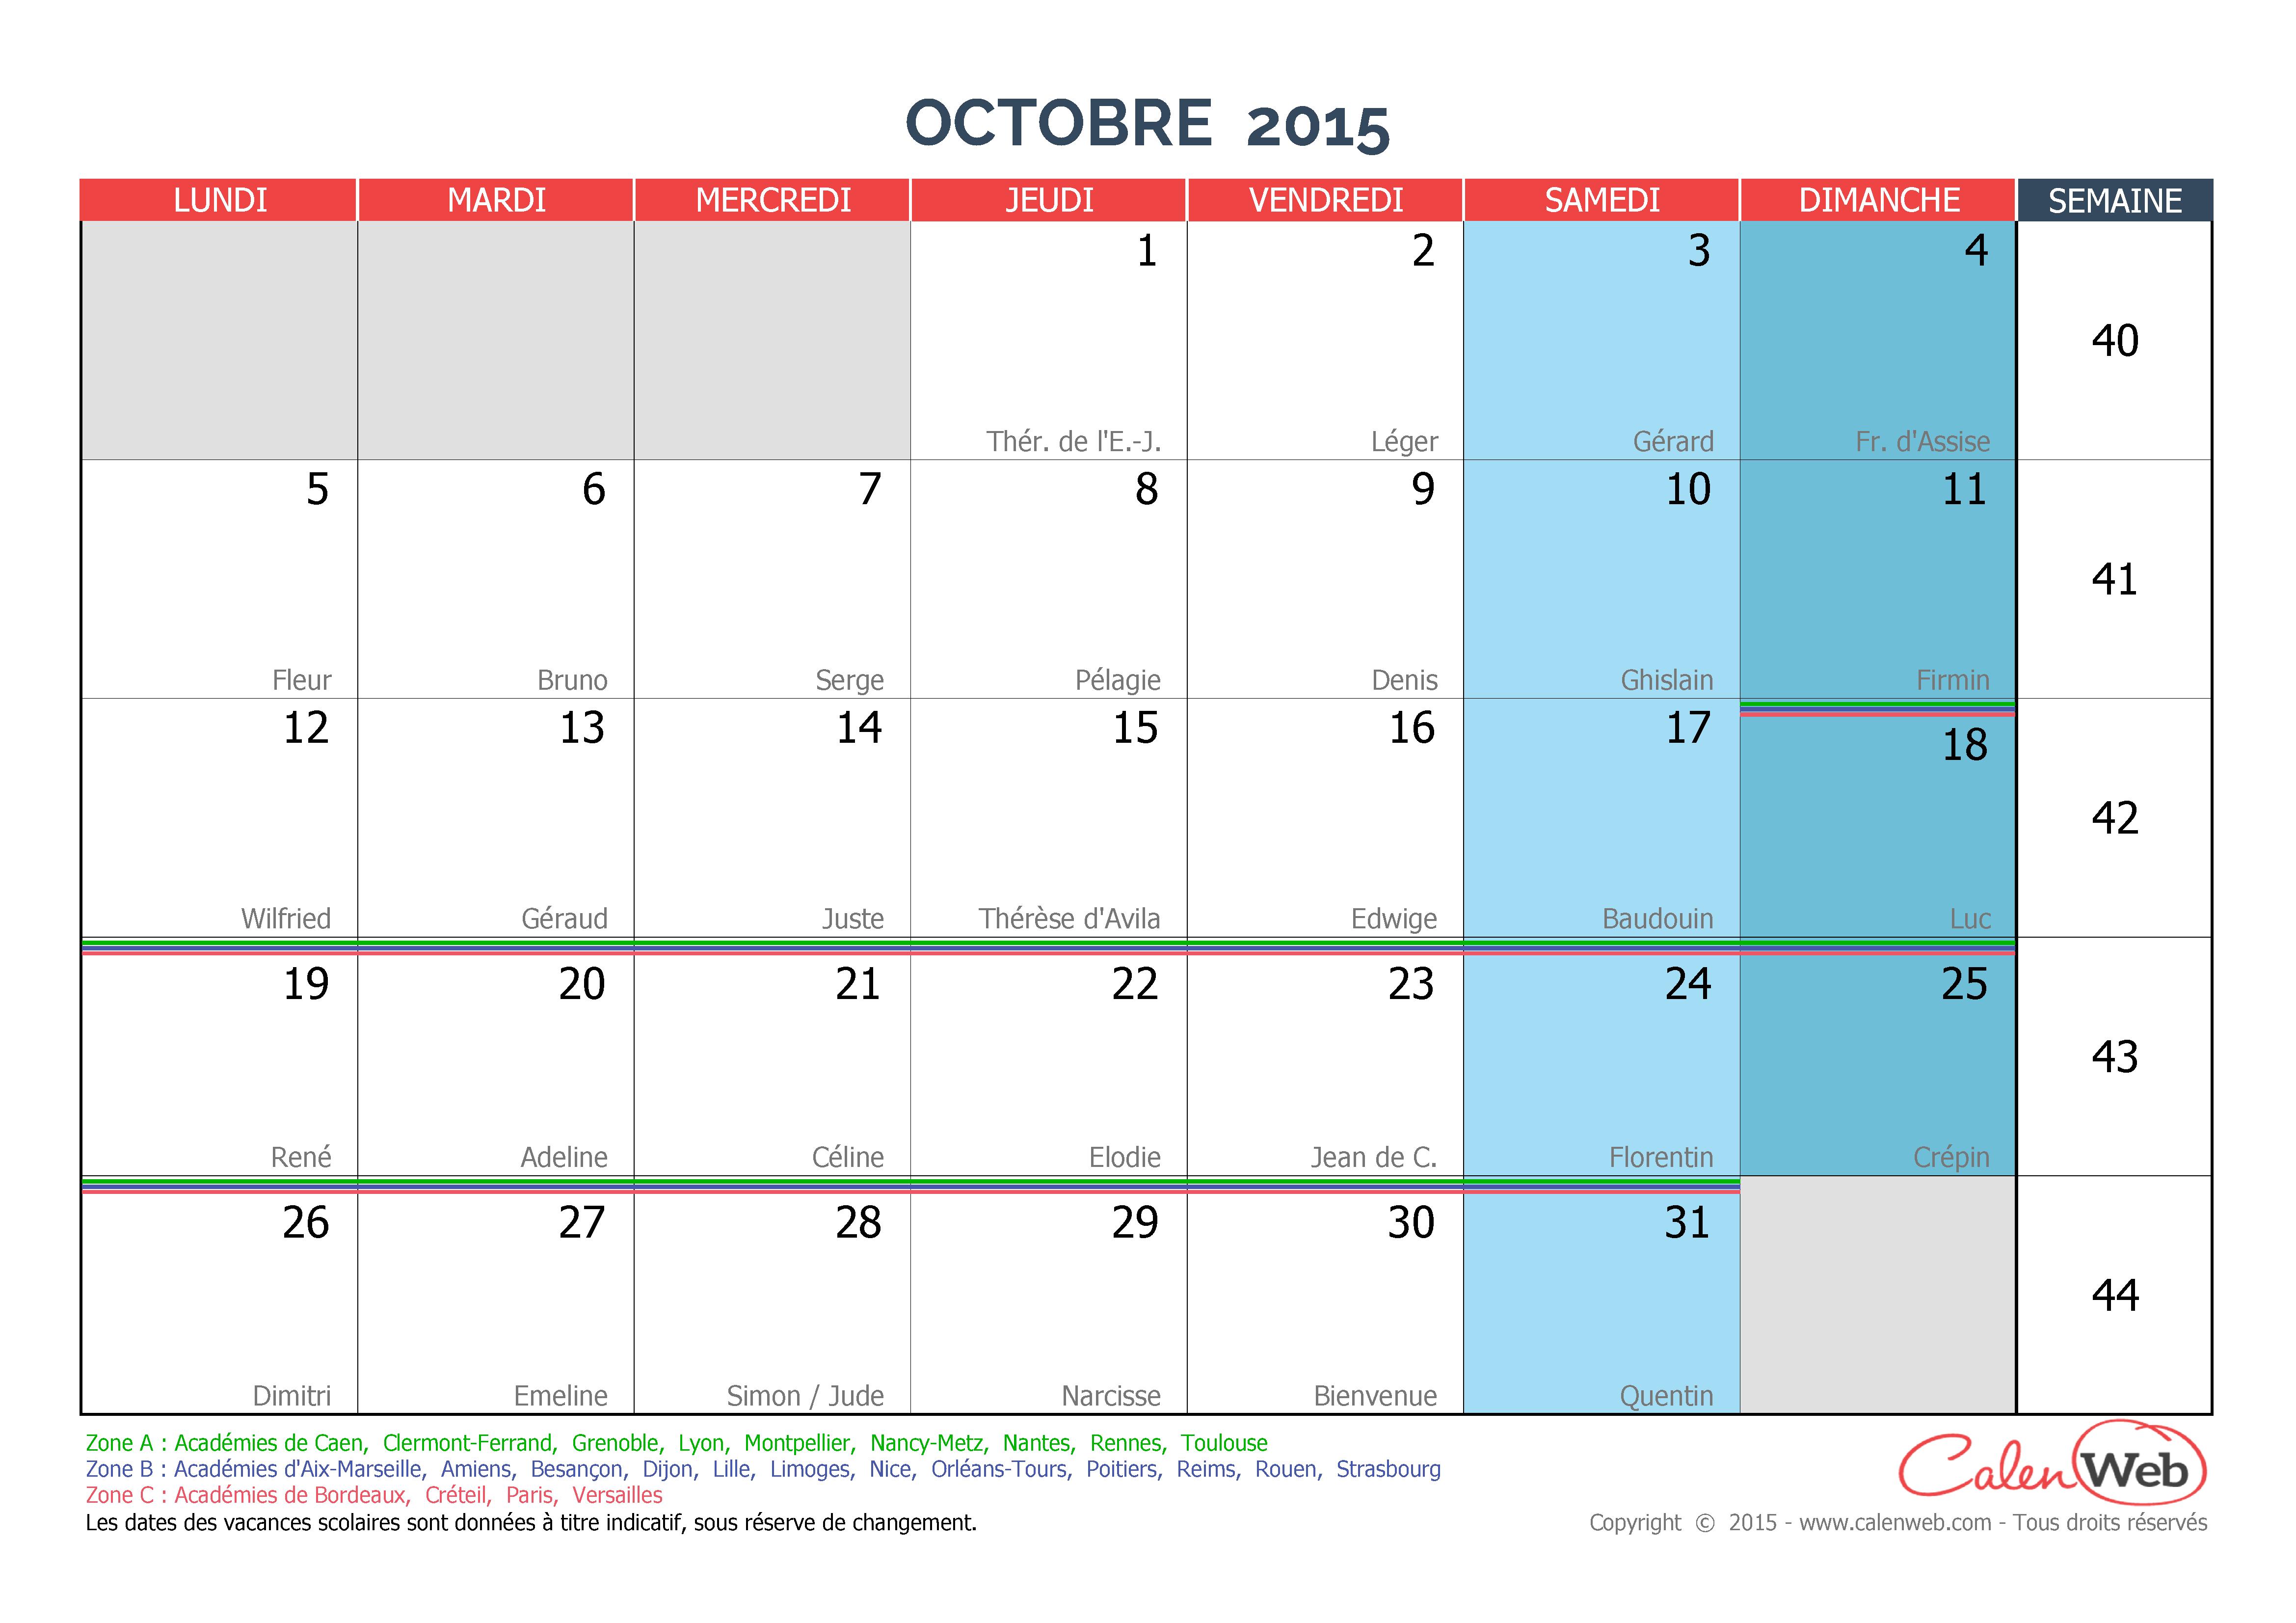 calendrier mensuel mois d 39 octobre 2015 avec f tes jours f ri s et vacances scolaires. Black Bedroom Furniture Sets. Home Design Ideas